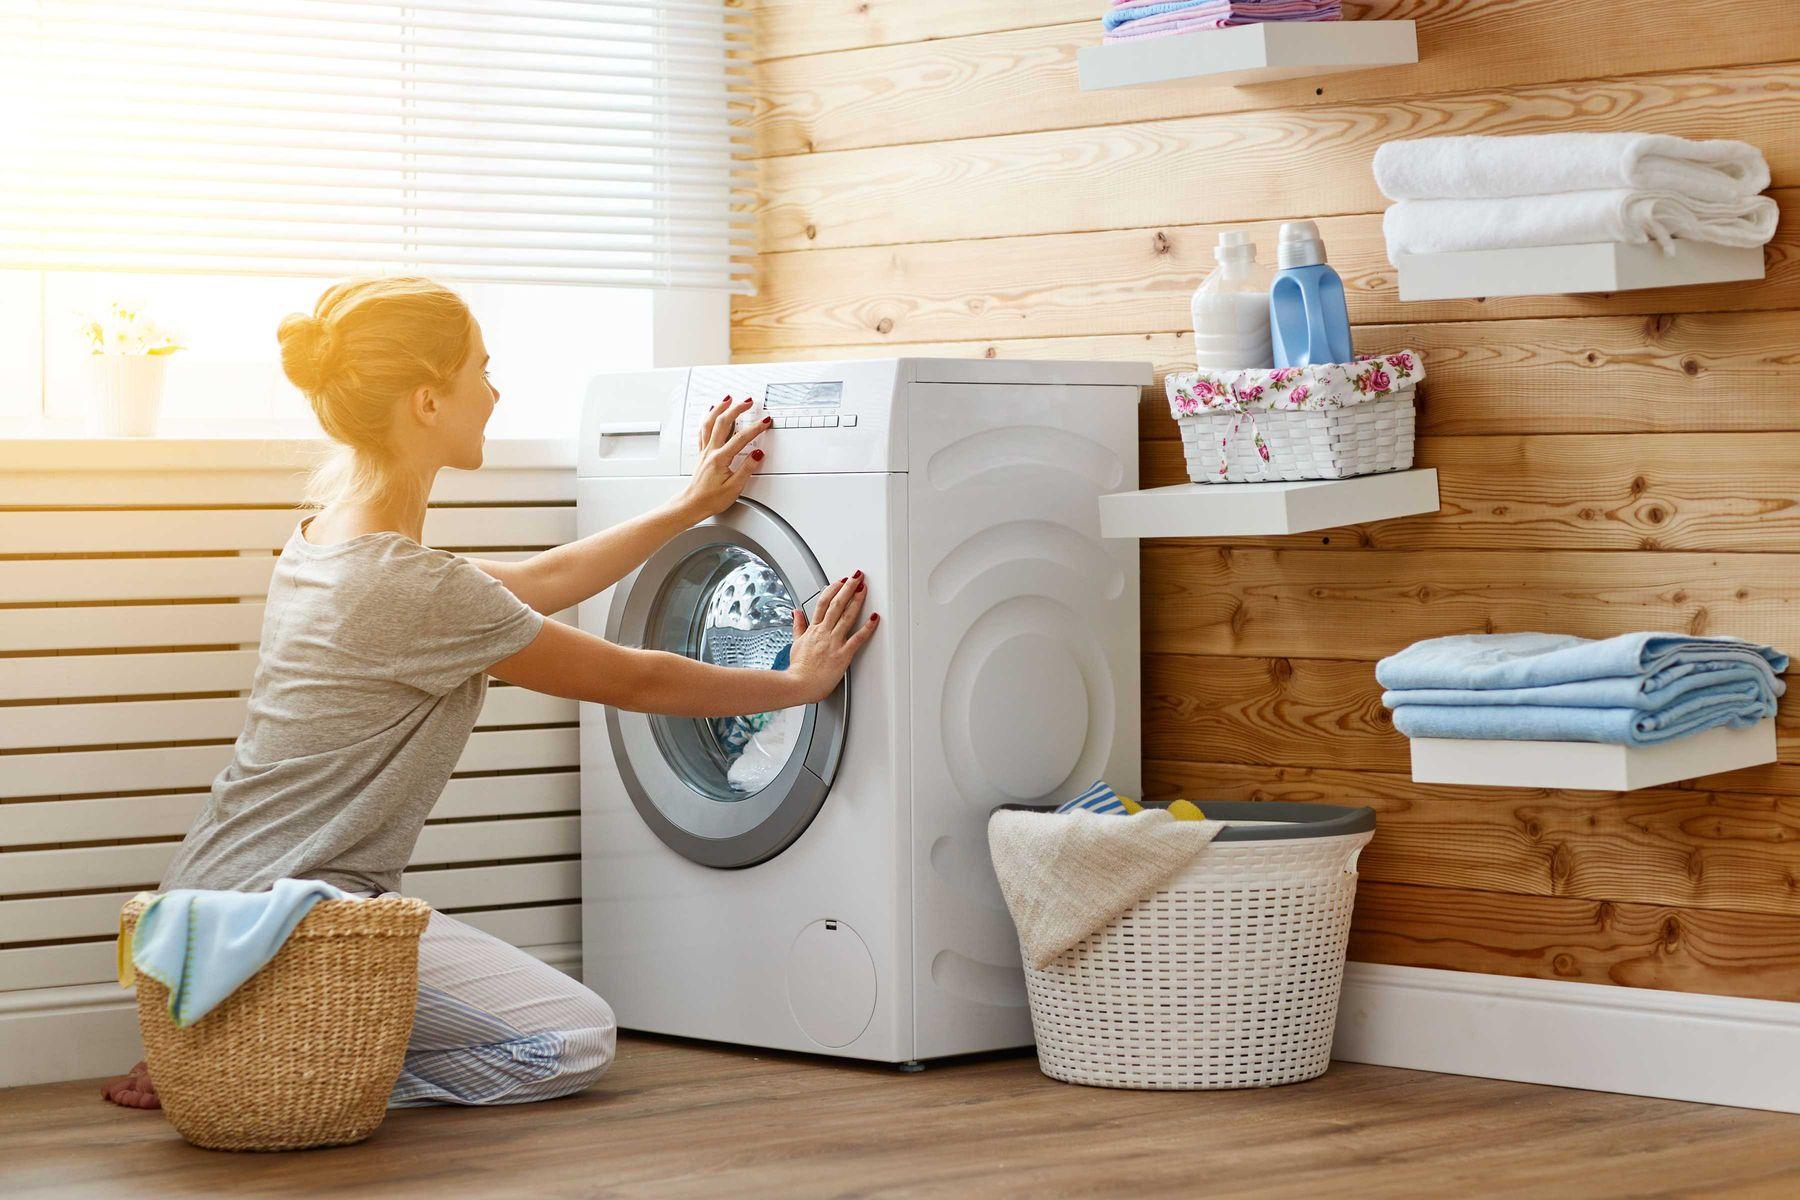 Mulher em uma lavanderia com prateleira de produtos de limpeza